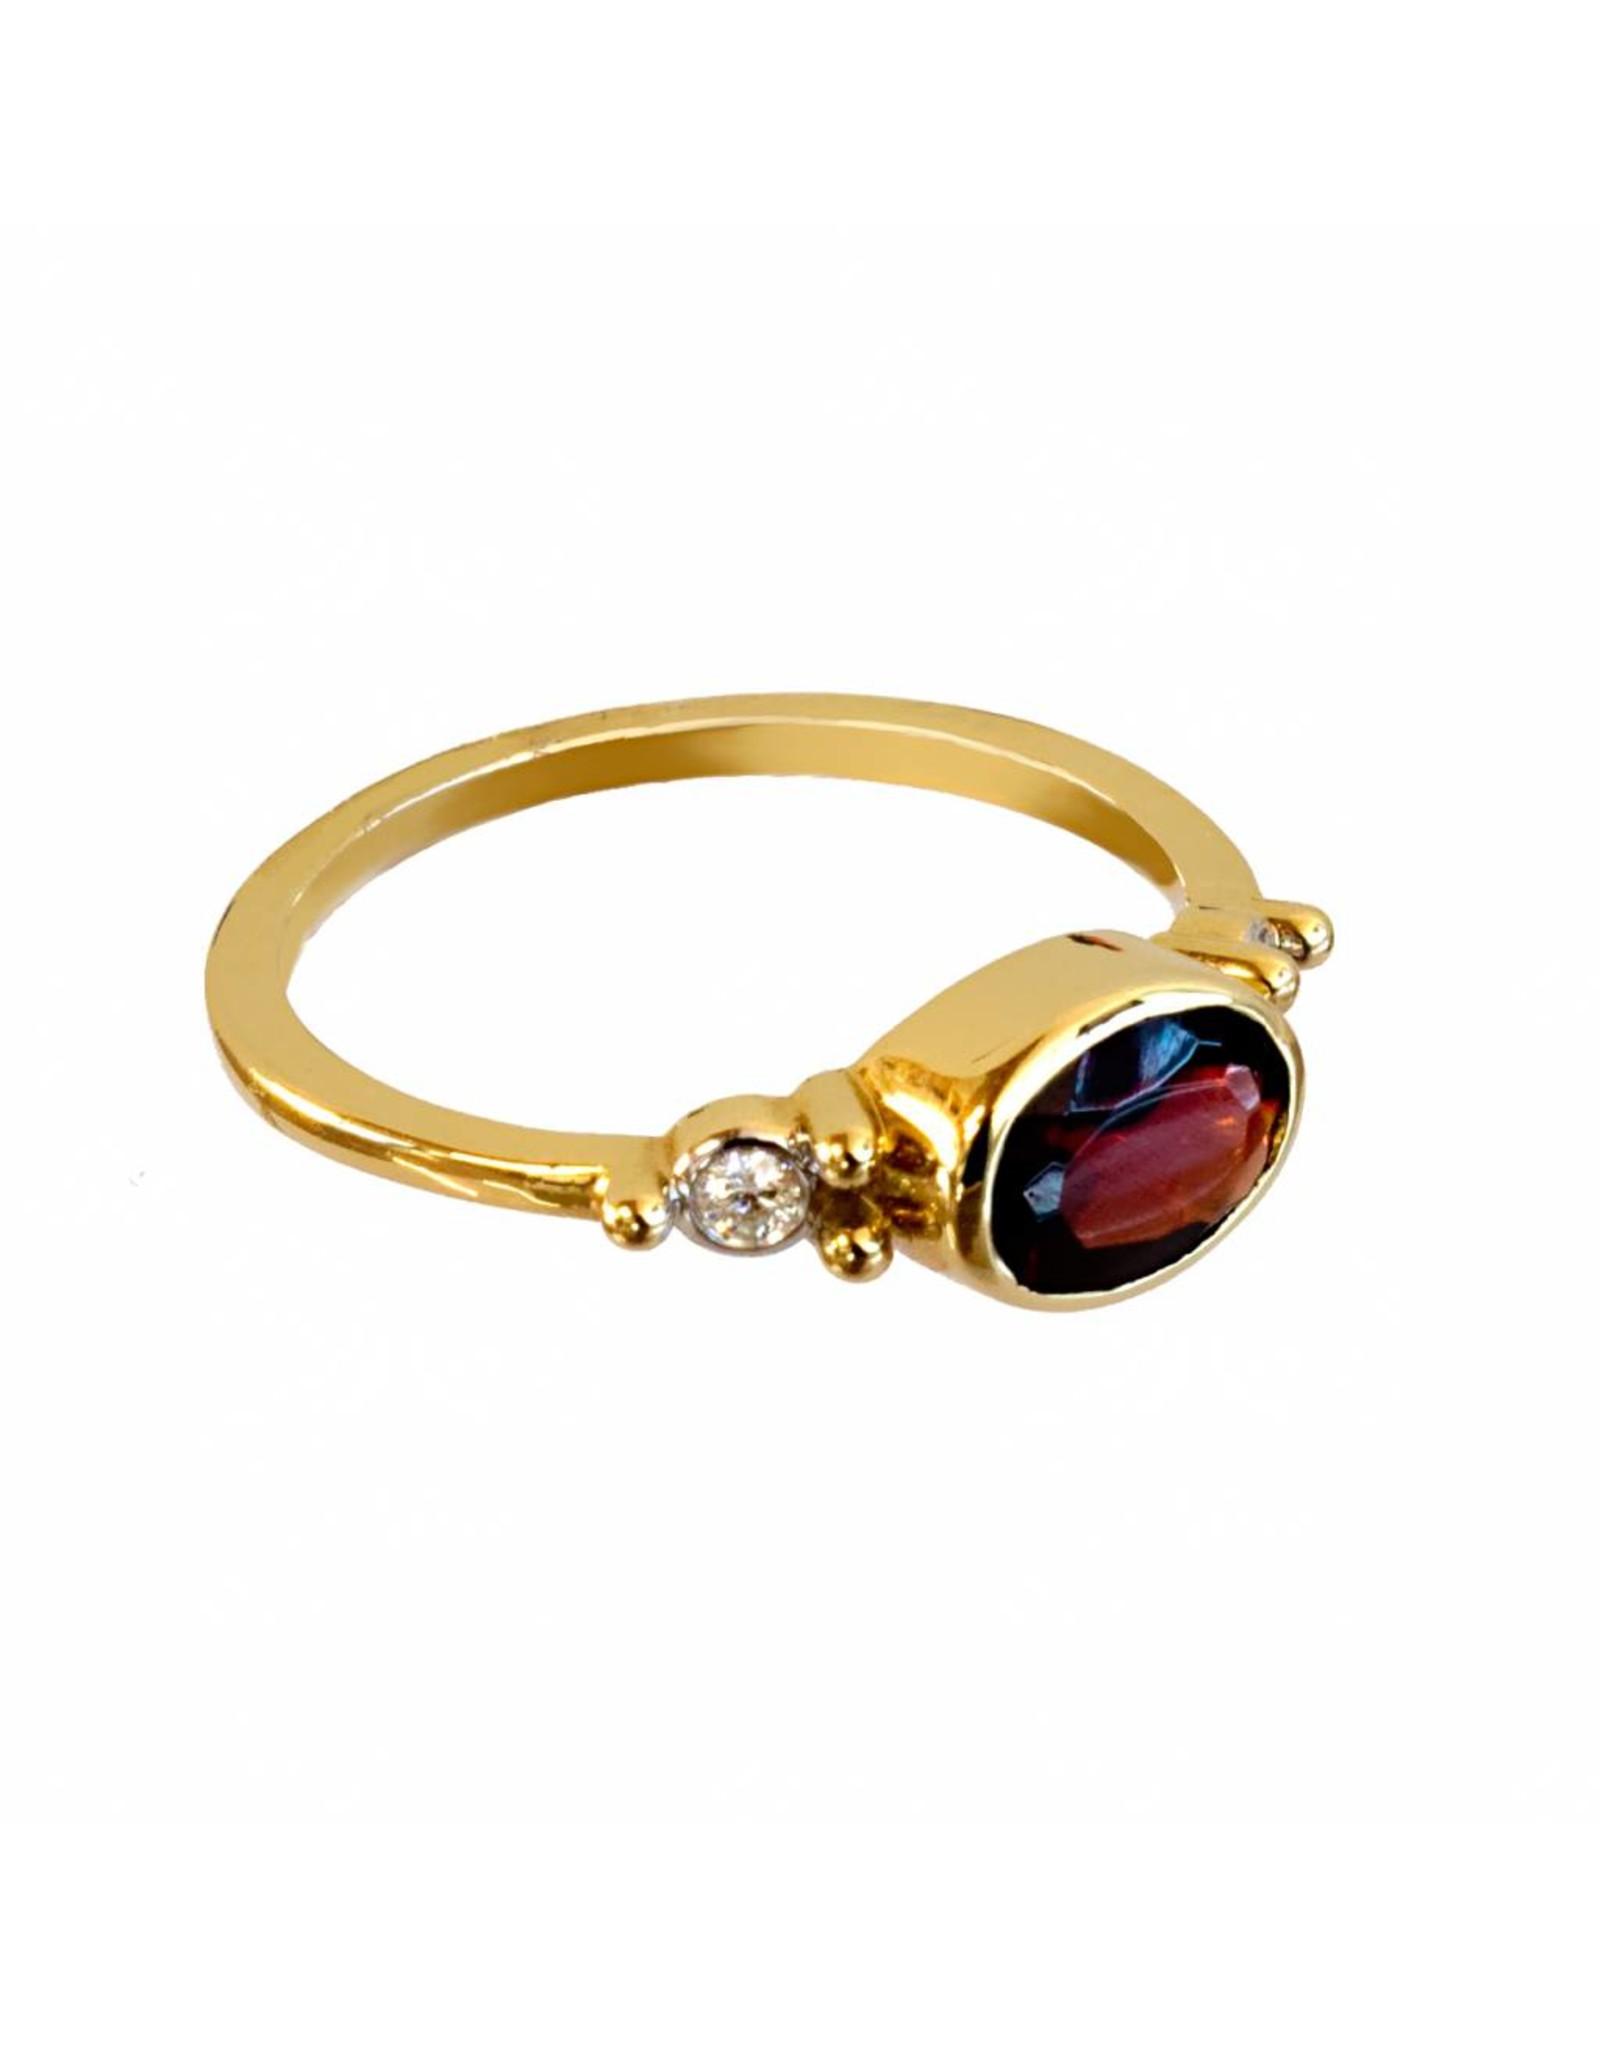 Bo Gold Ring - Gold - Hessonite Garnet - Diamond